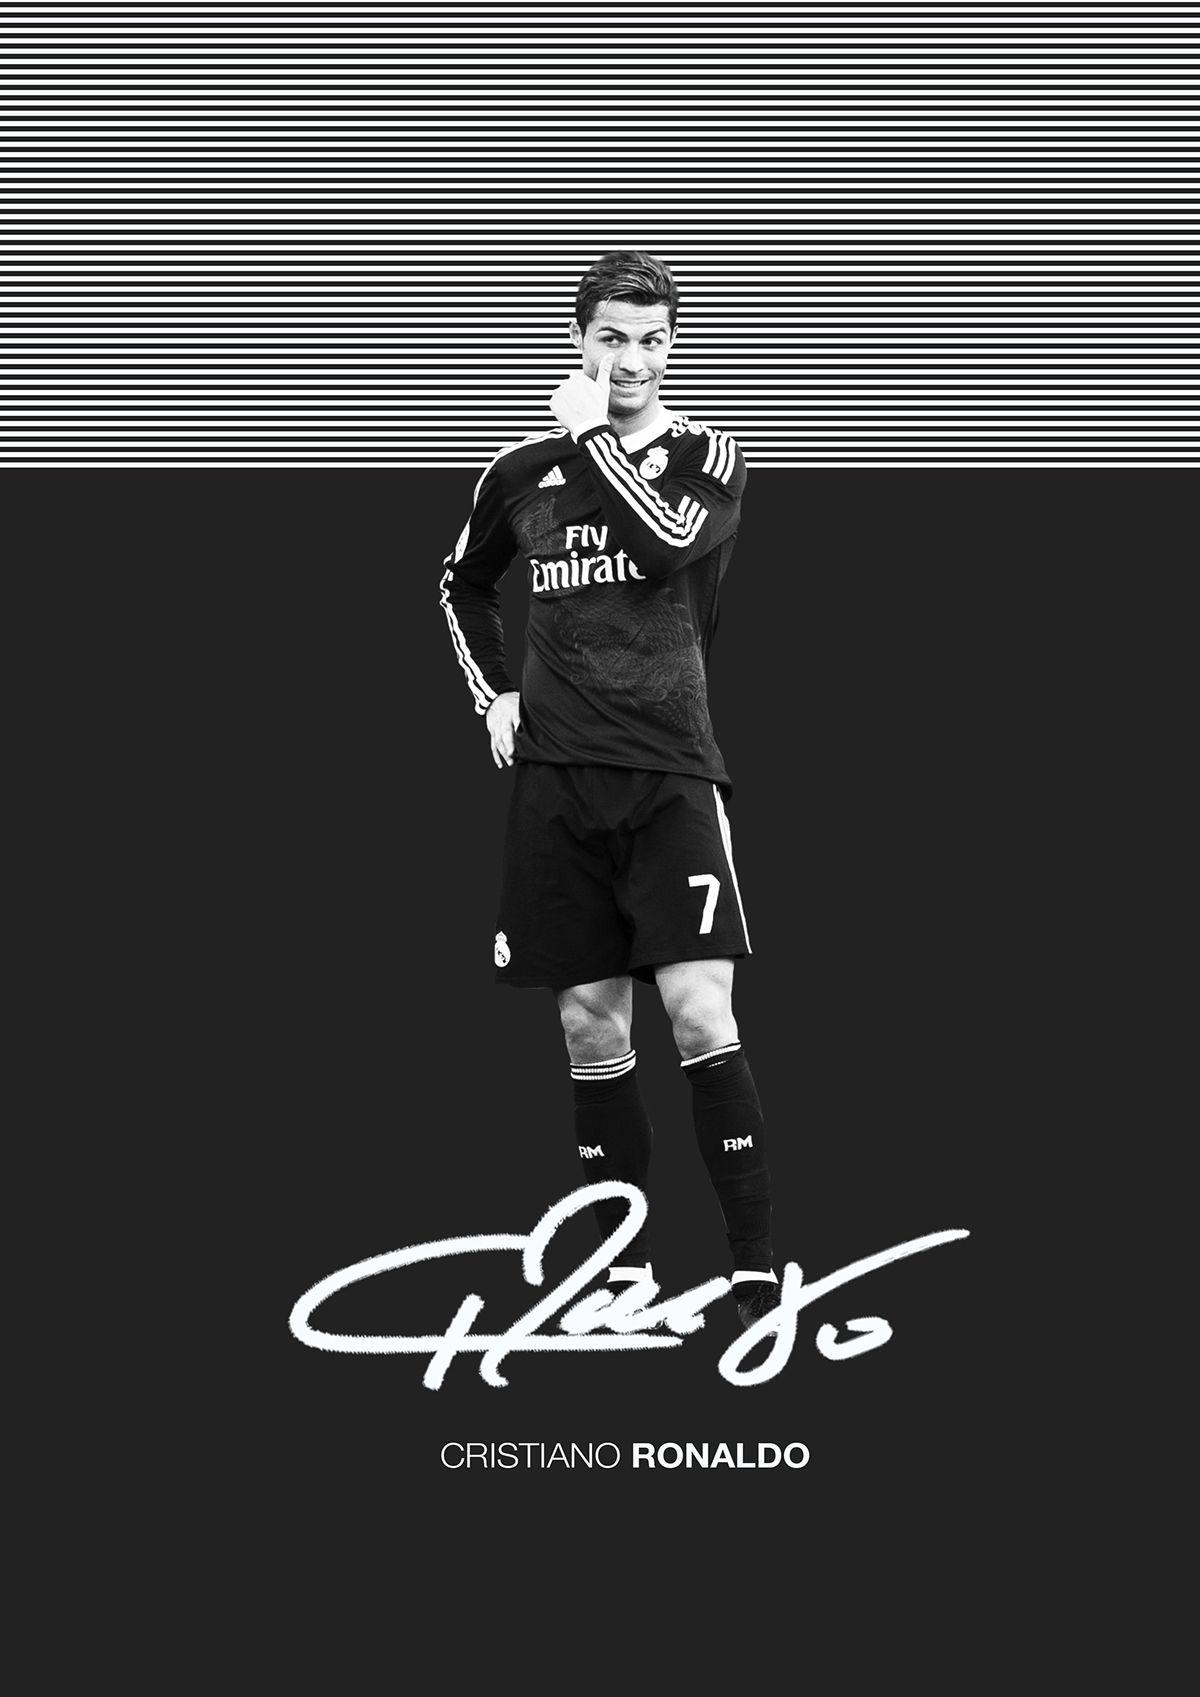 Ronaldo Signature : ronaldo, signature, Cristiano, Ronaldo, Madrid, Poster, Behance, Ronaldo,